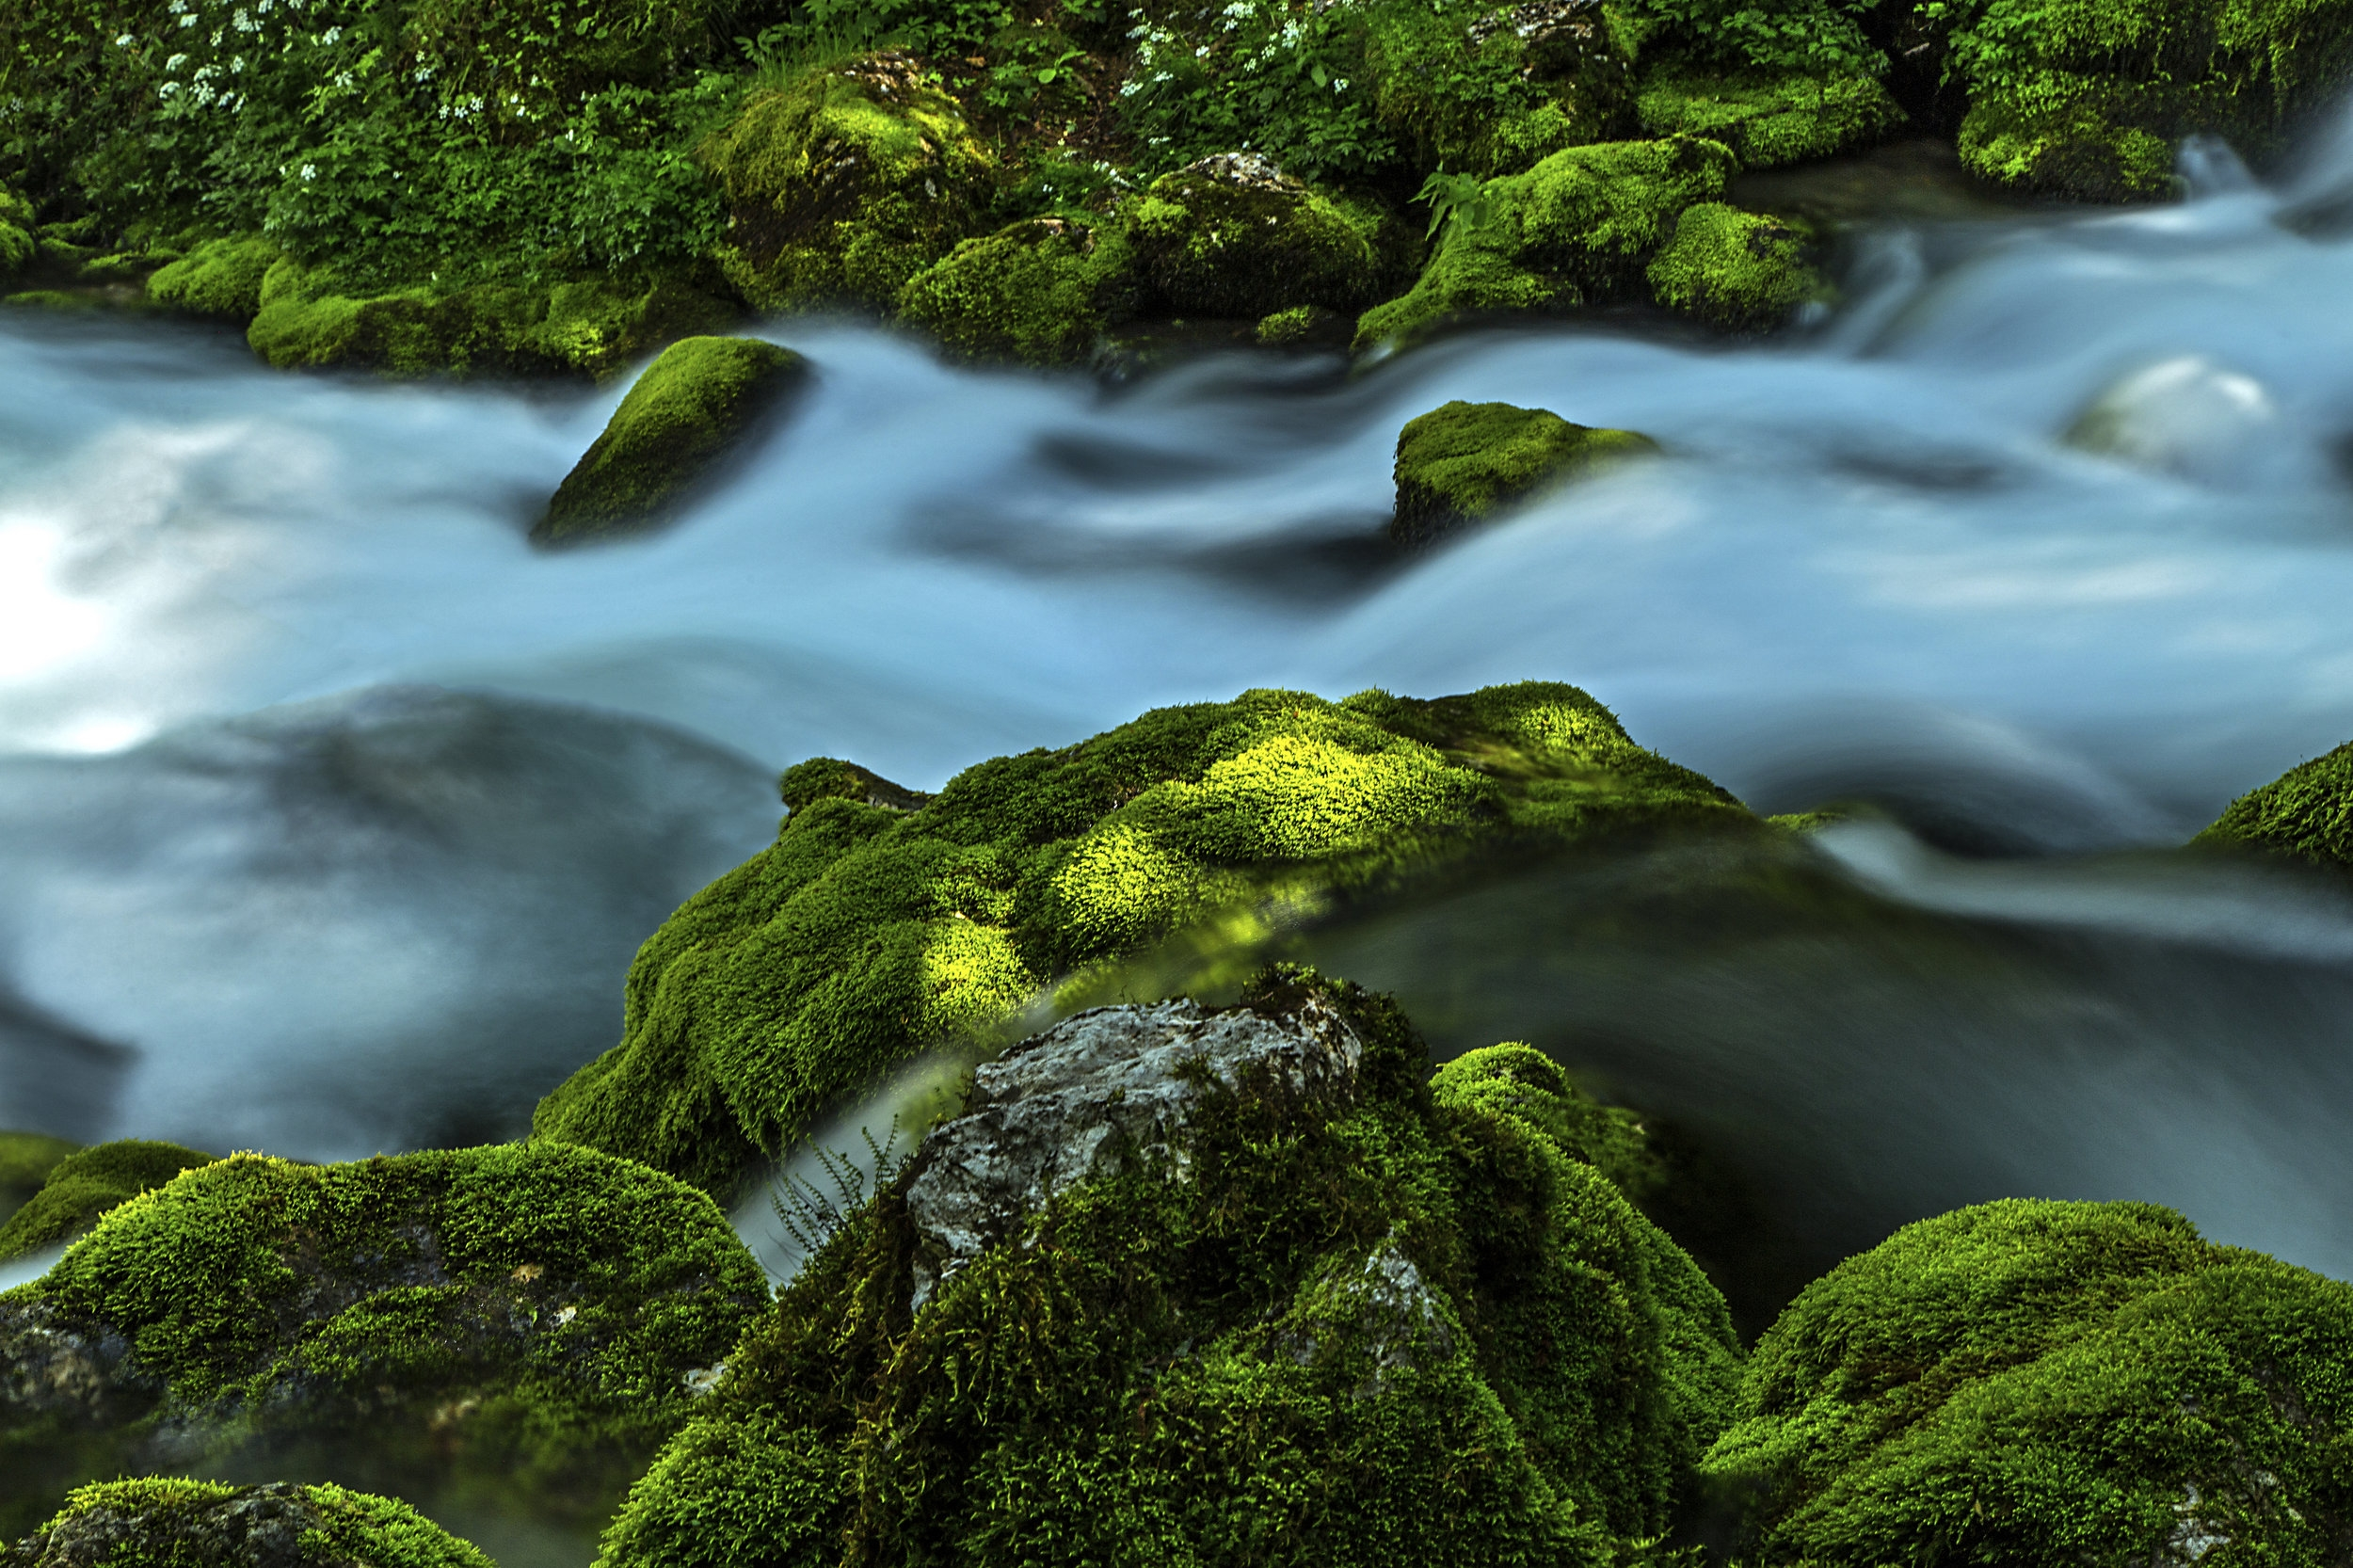 Green moss rock. Flowing water.jpg